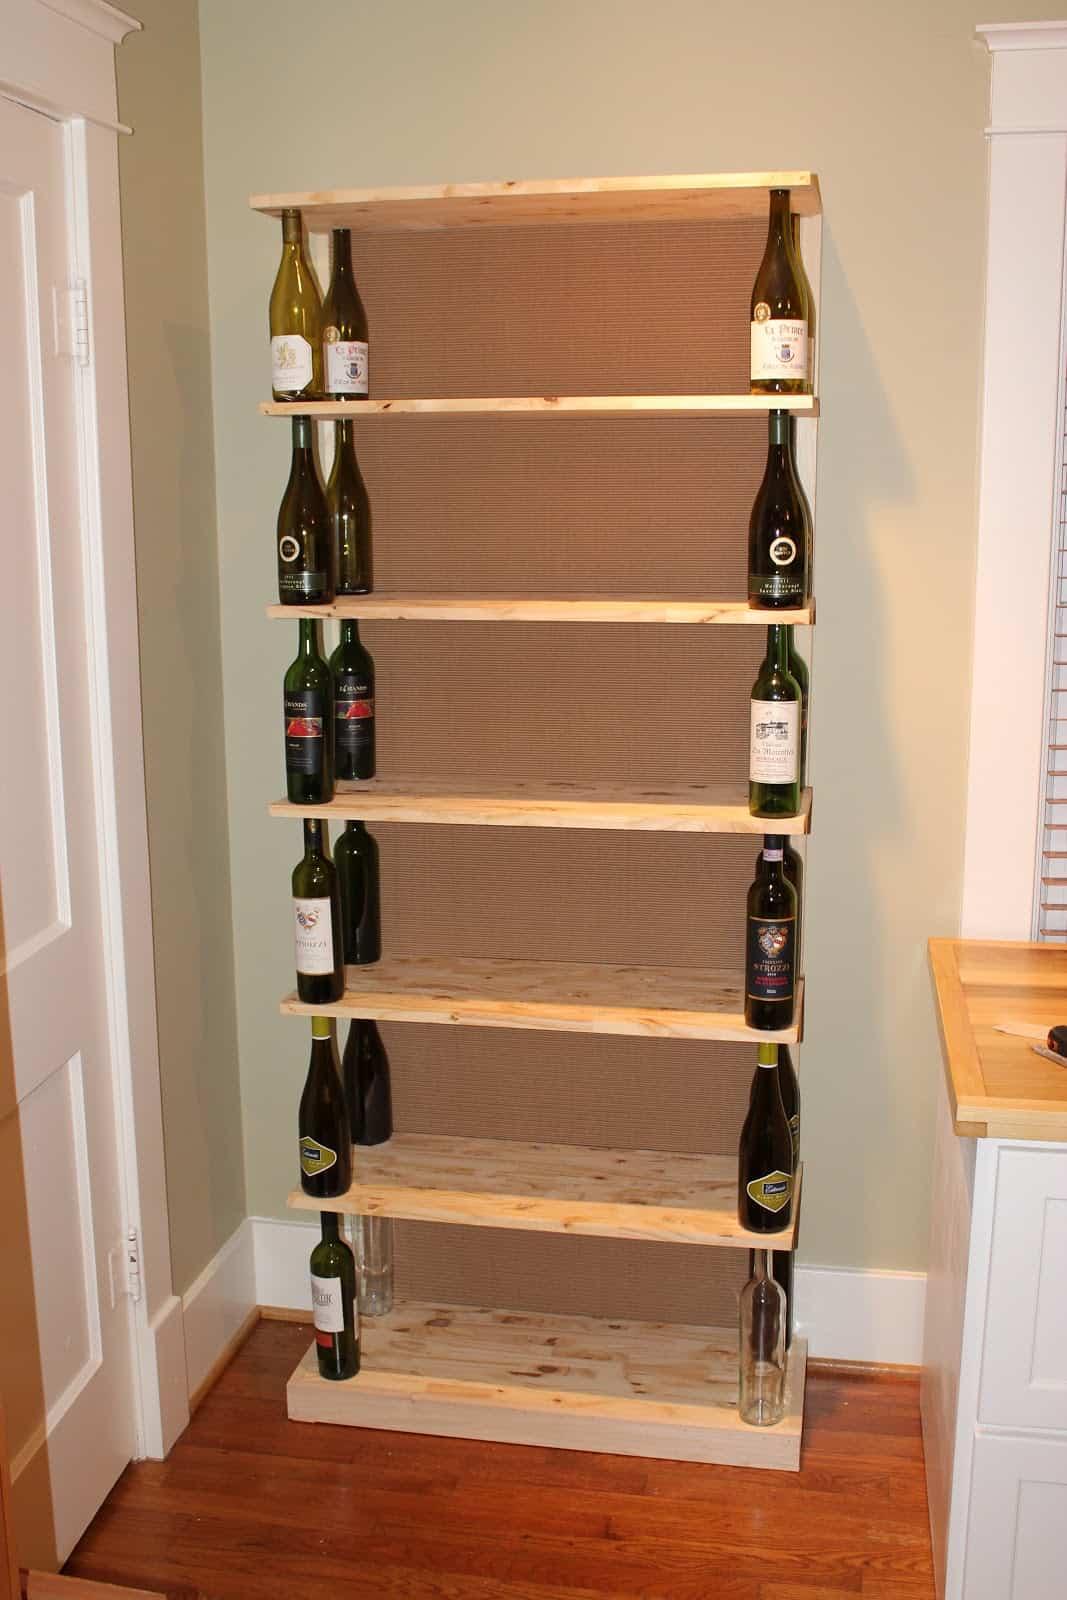 Bouteille de vin et bibliothèque en bois